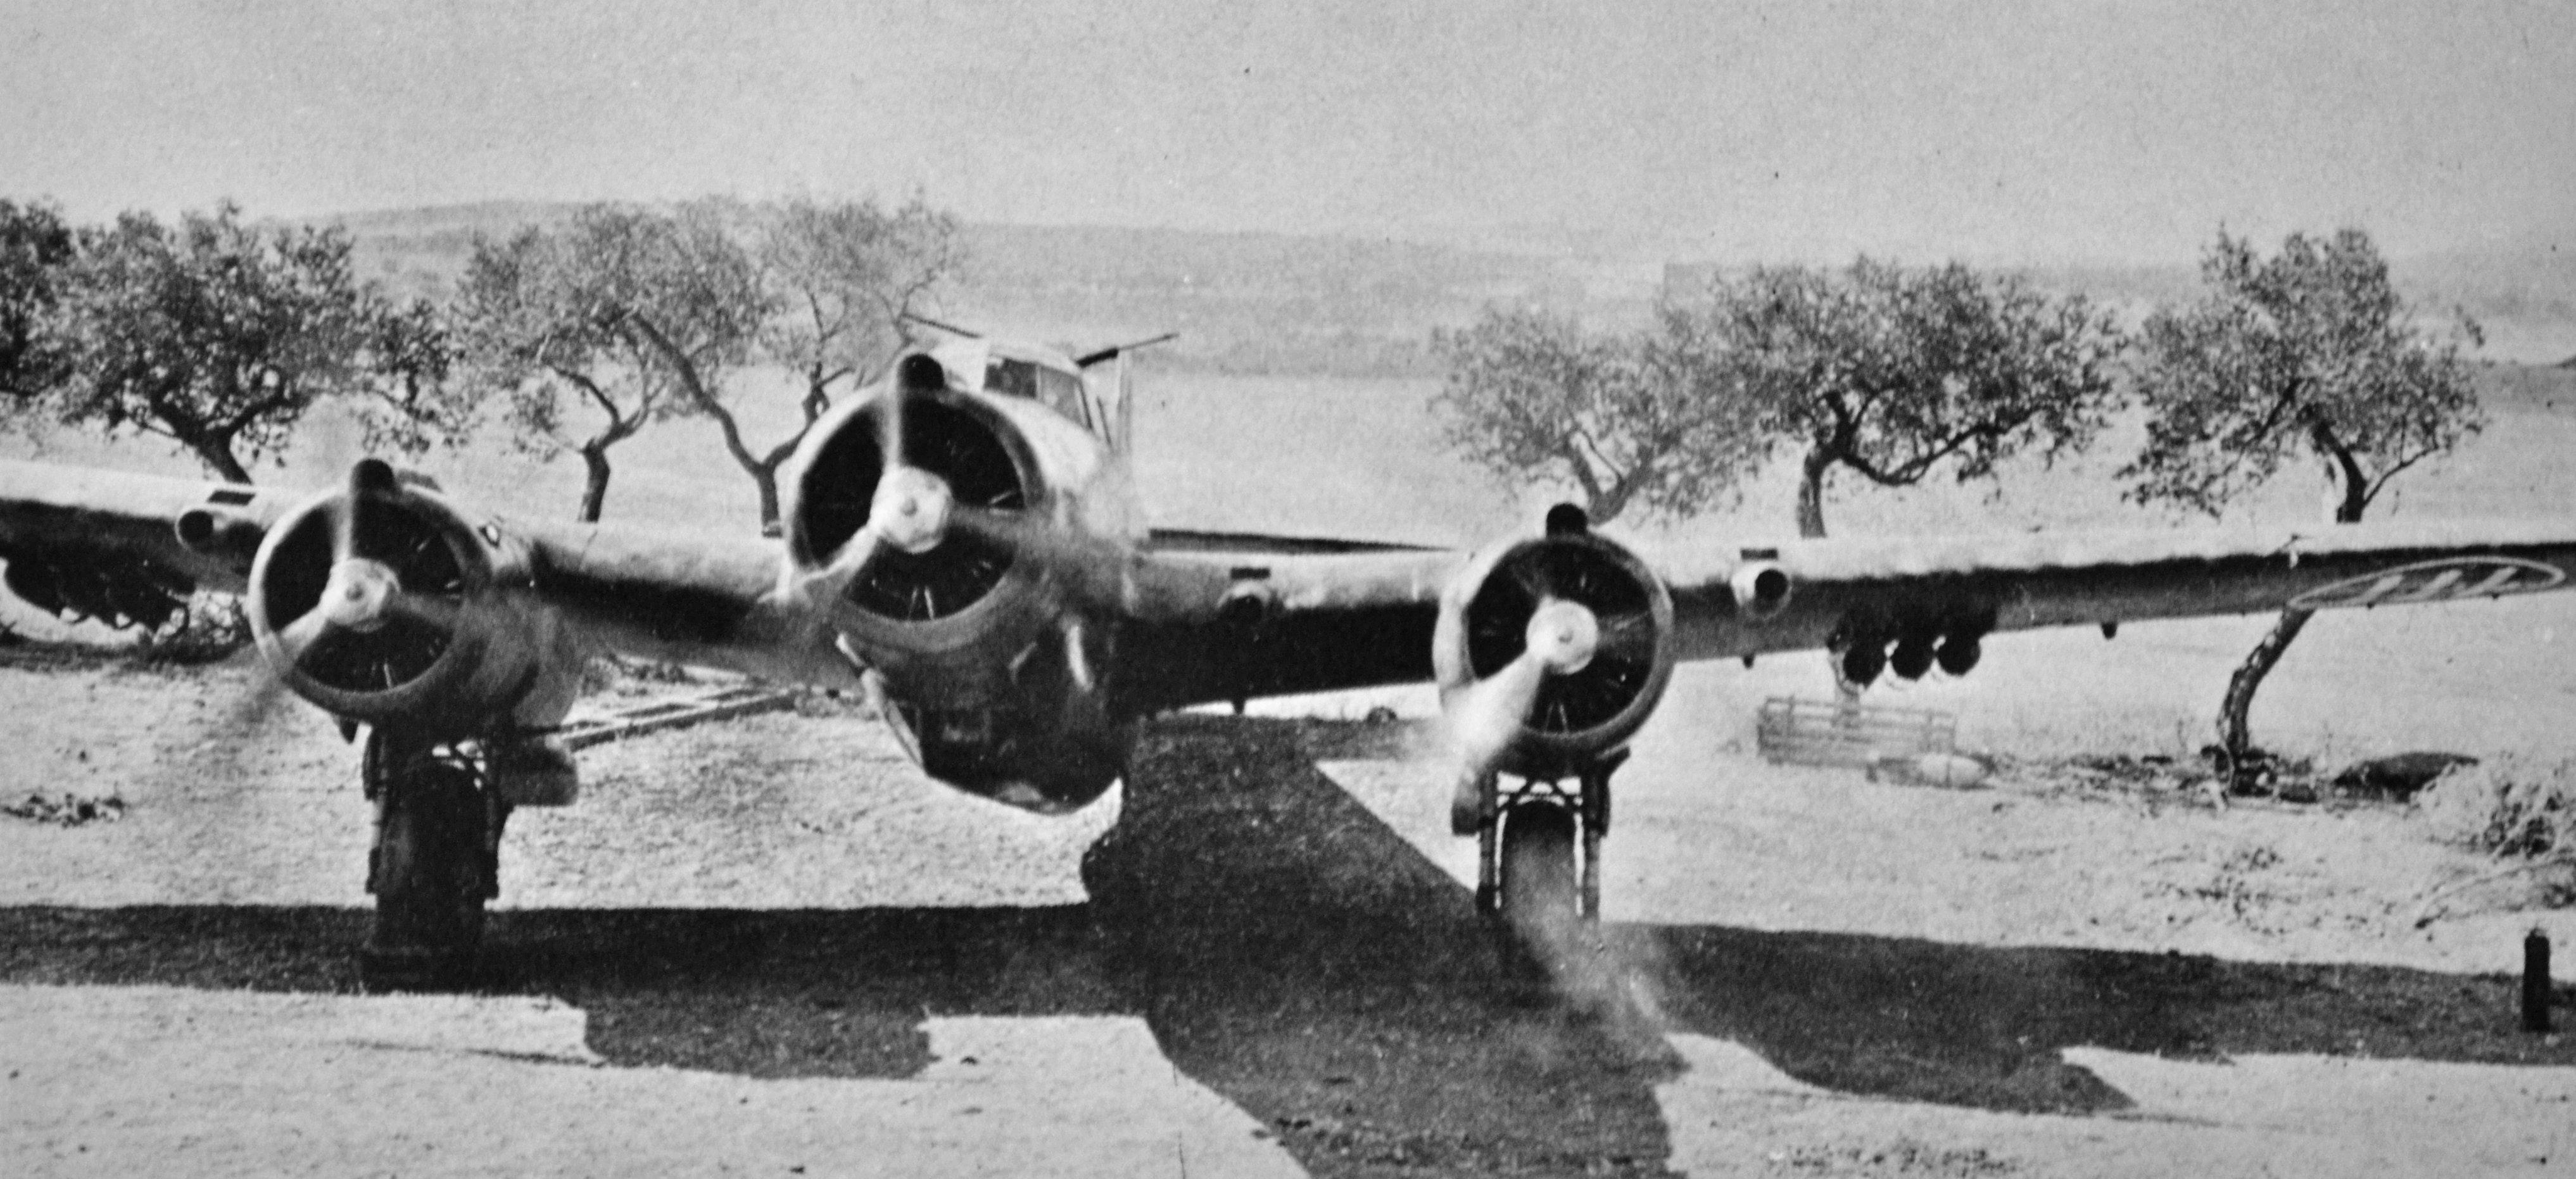 HISTORIAS DE LA AVIACIÓN: AVIONES ITALIANOS DE LA II